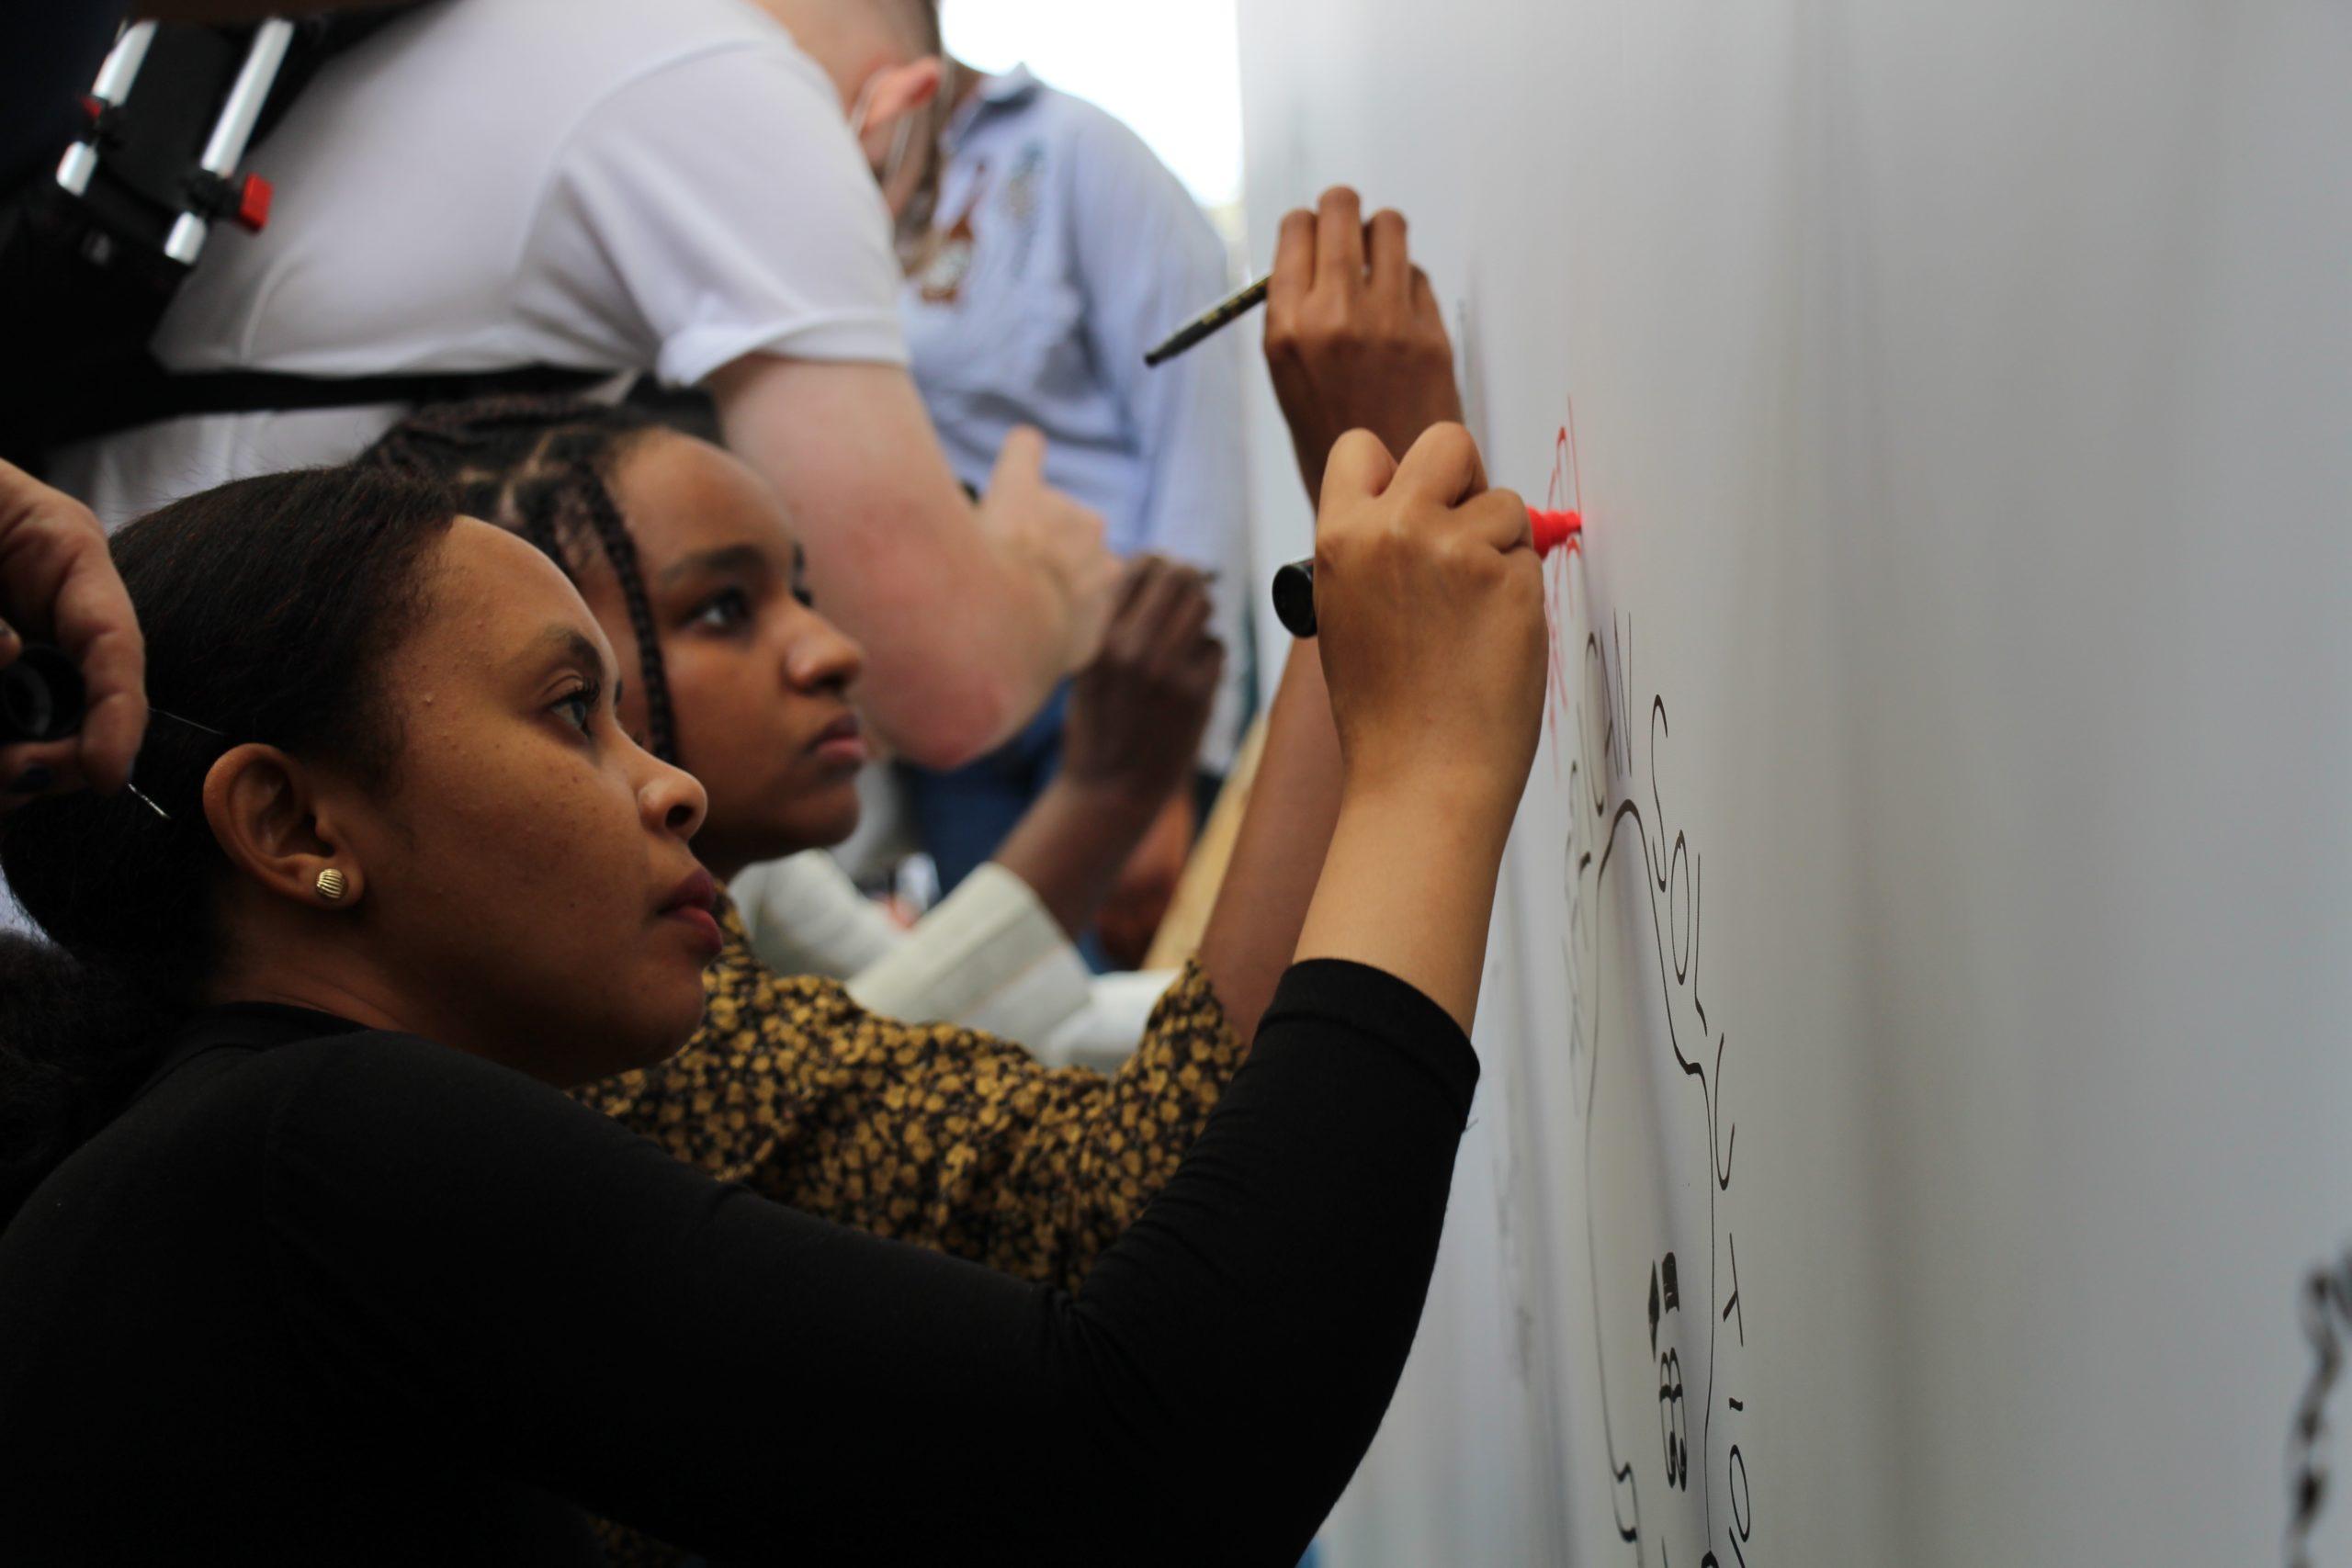 Yemi (Ethiopie) et Alaa Satir (Soudan) en train de dessiner pour la fresque en direct